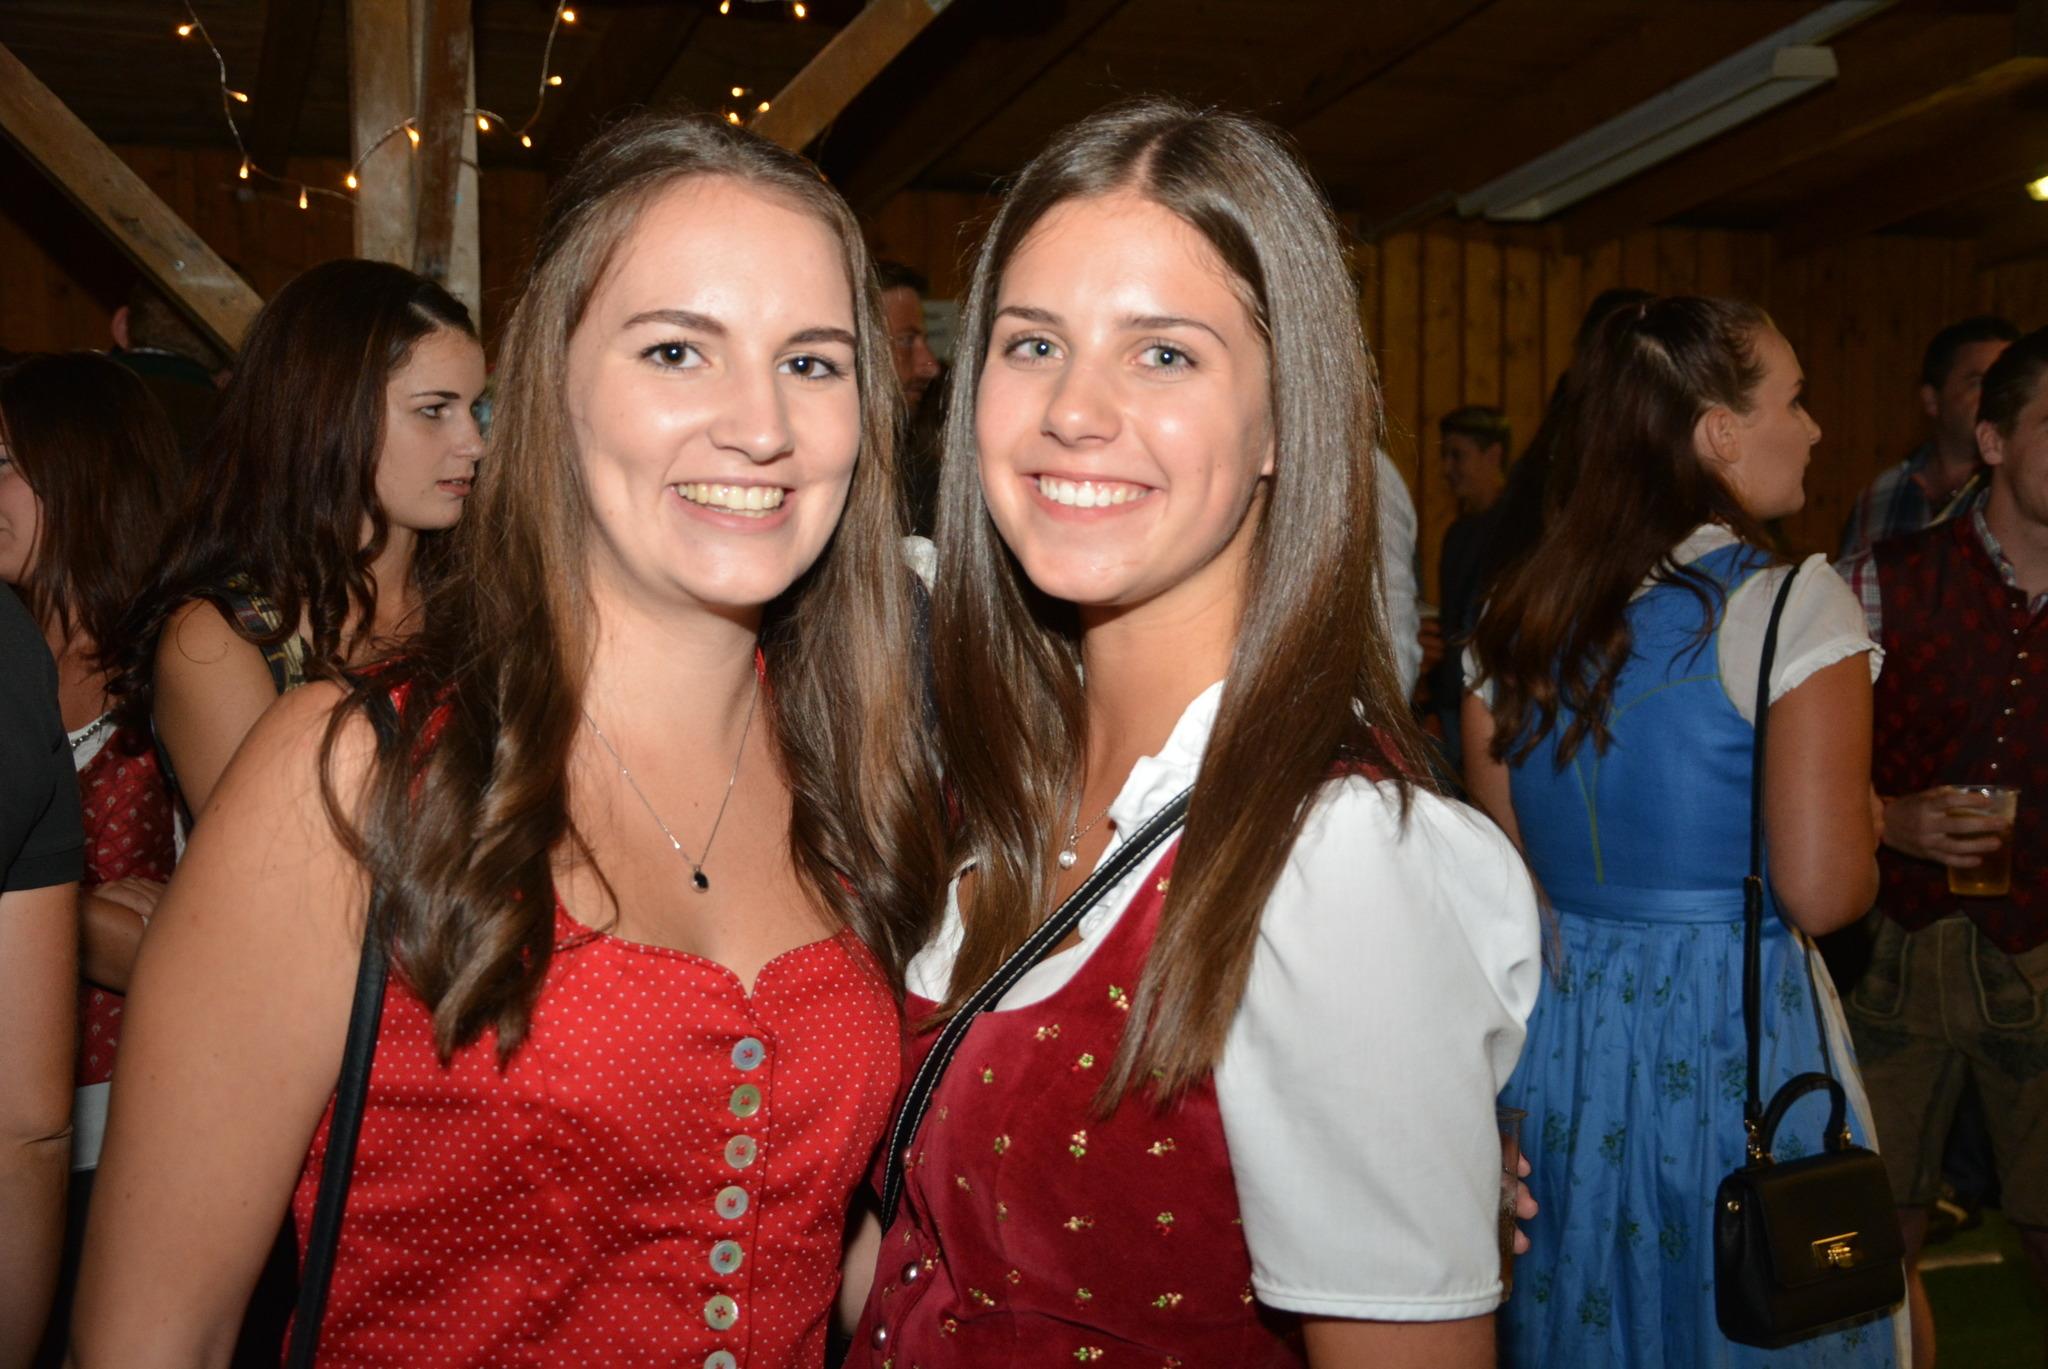 Tolles Fest zum 55-Jahr-Jubilum der Landjugend Brckl - St